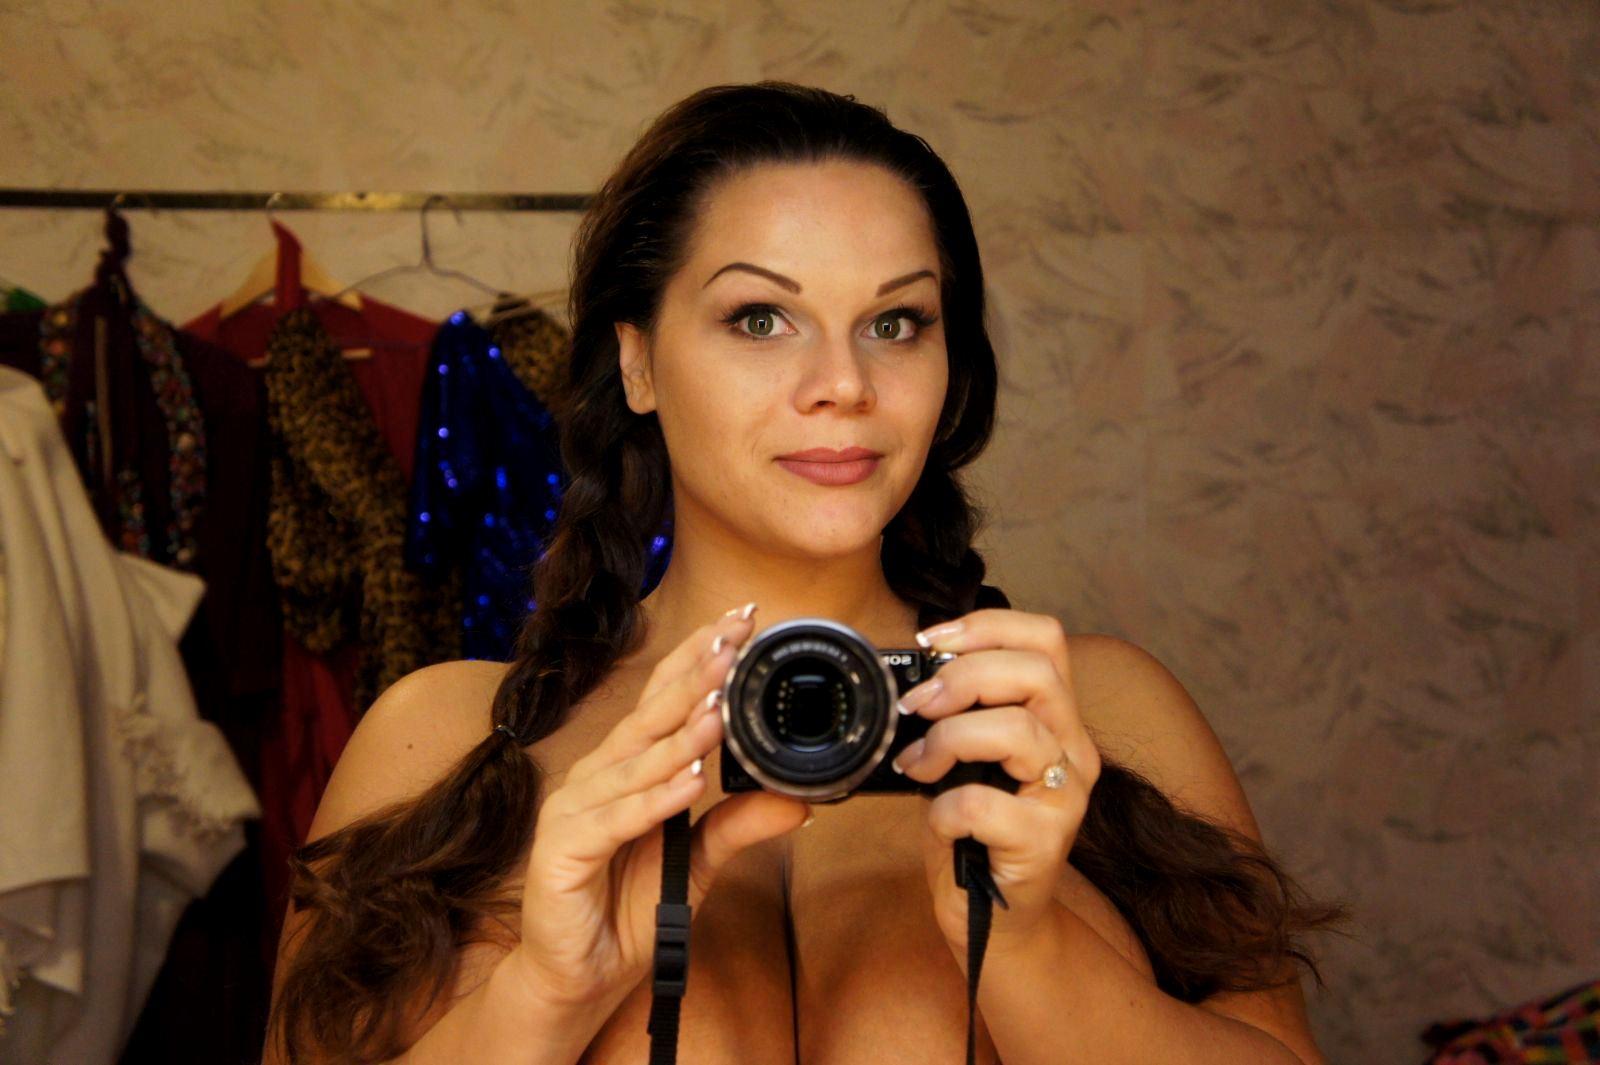 Фото голих грудей марії зиринг 19 фотография